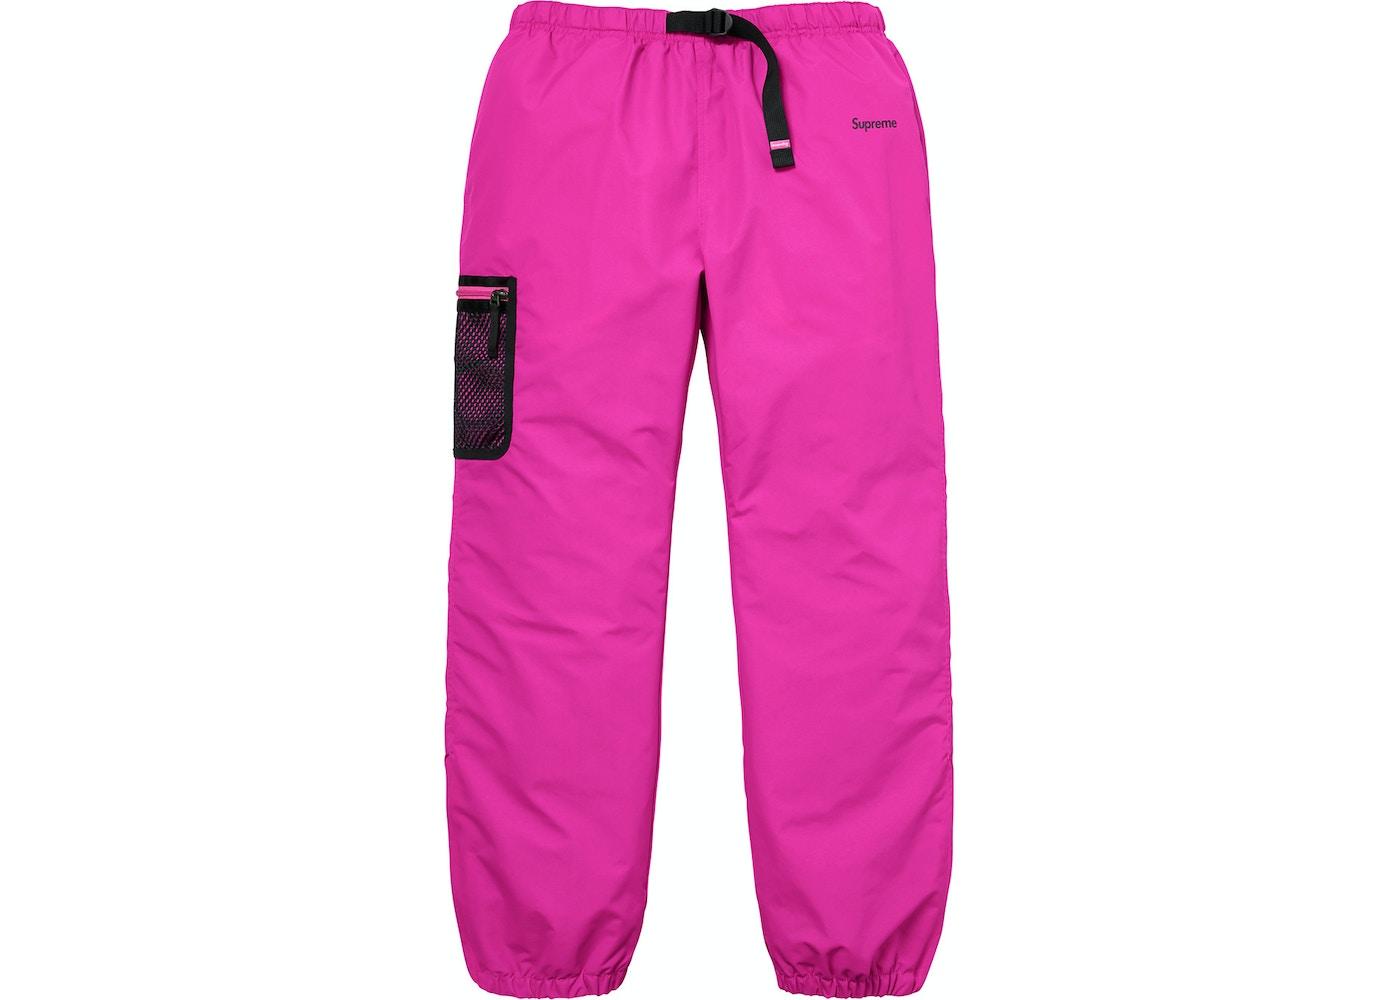 Supreme Nike Trail Running Pant Pink